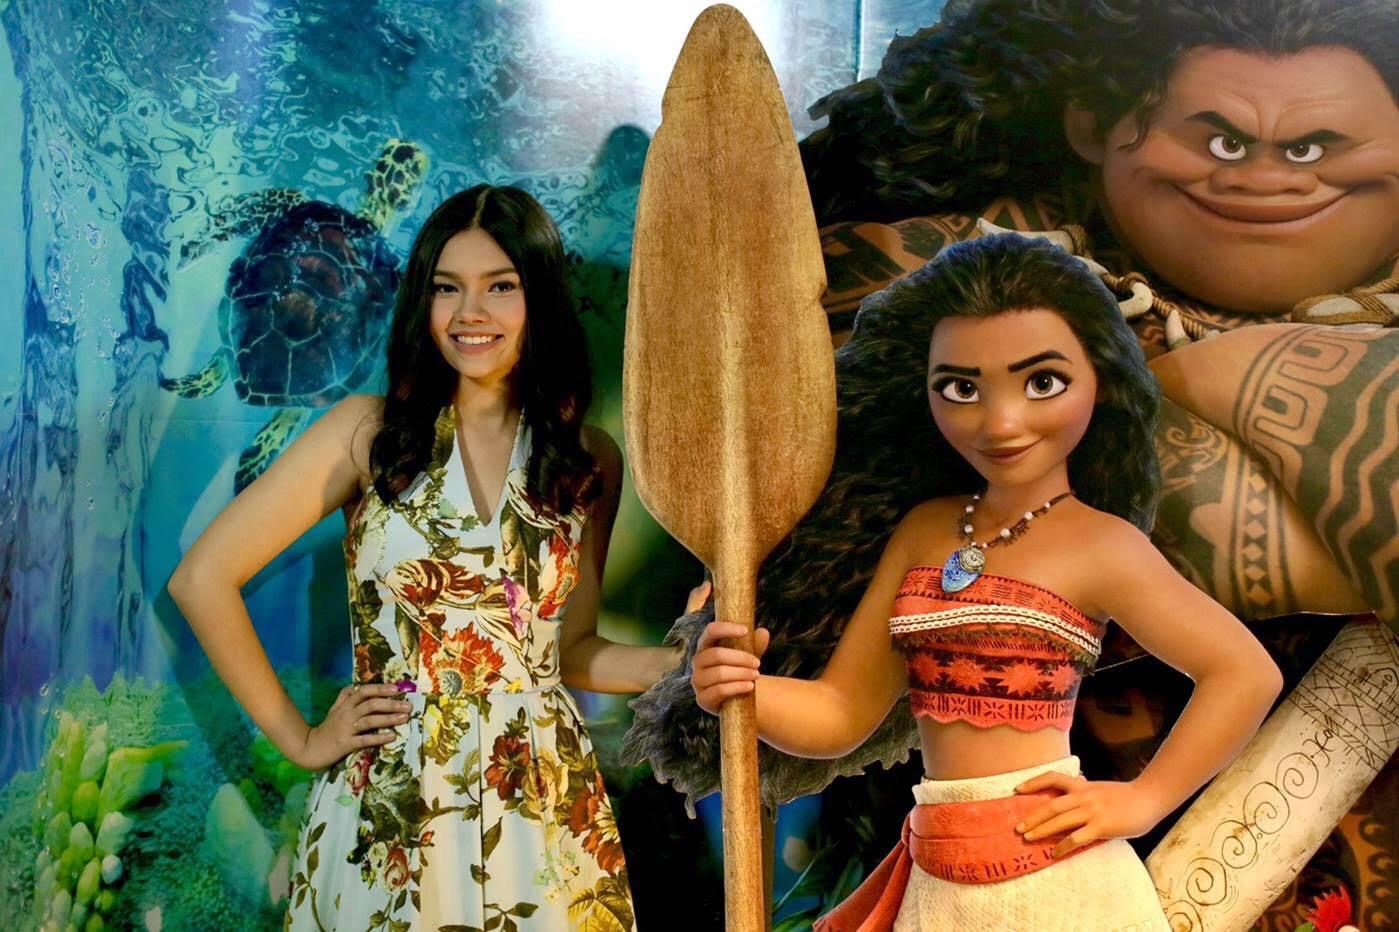 """MOANA ผจญภัยตำนานหมู่เกาะทะเลใต้ – เปิดตัว """"ไมร่า มณีภัสสร มอลลอย""""ผู้ให้เสียงโมอาน่าและร้องเพลงประกอบภาพยนตร์เวอร์ชั่นภาษาไทย"""